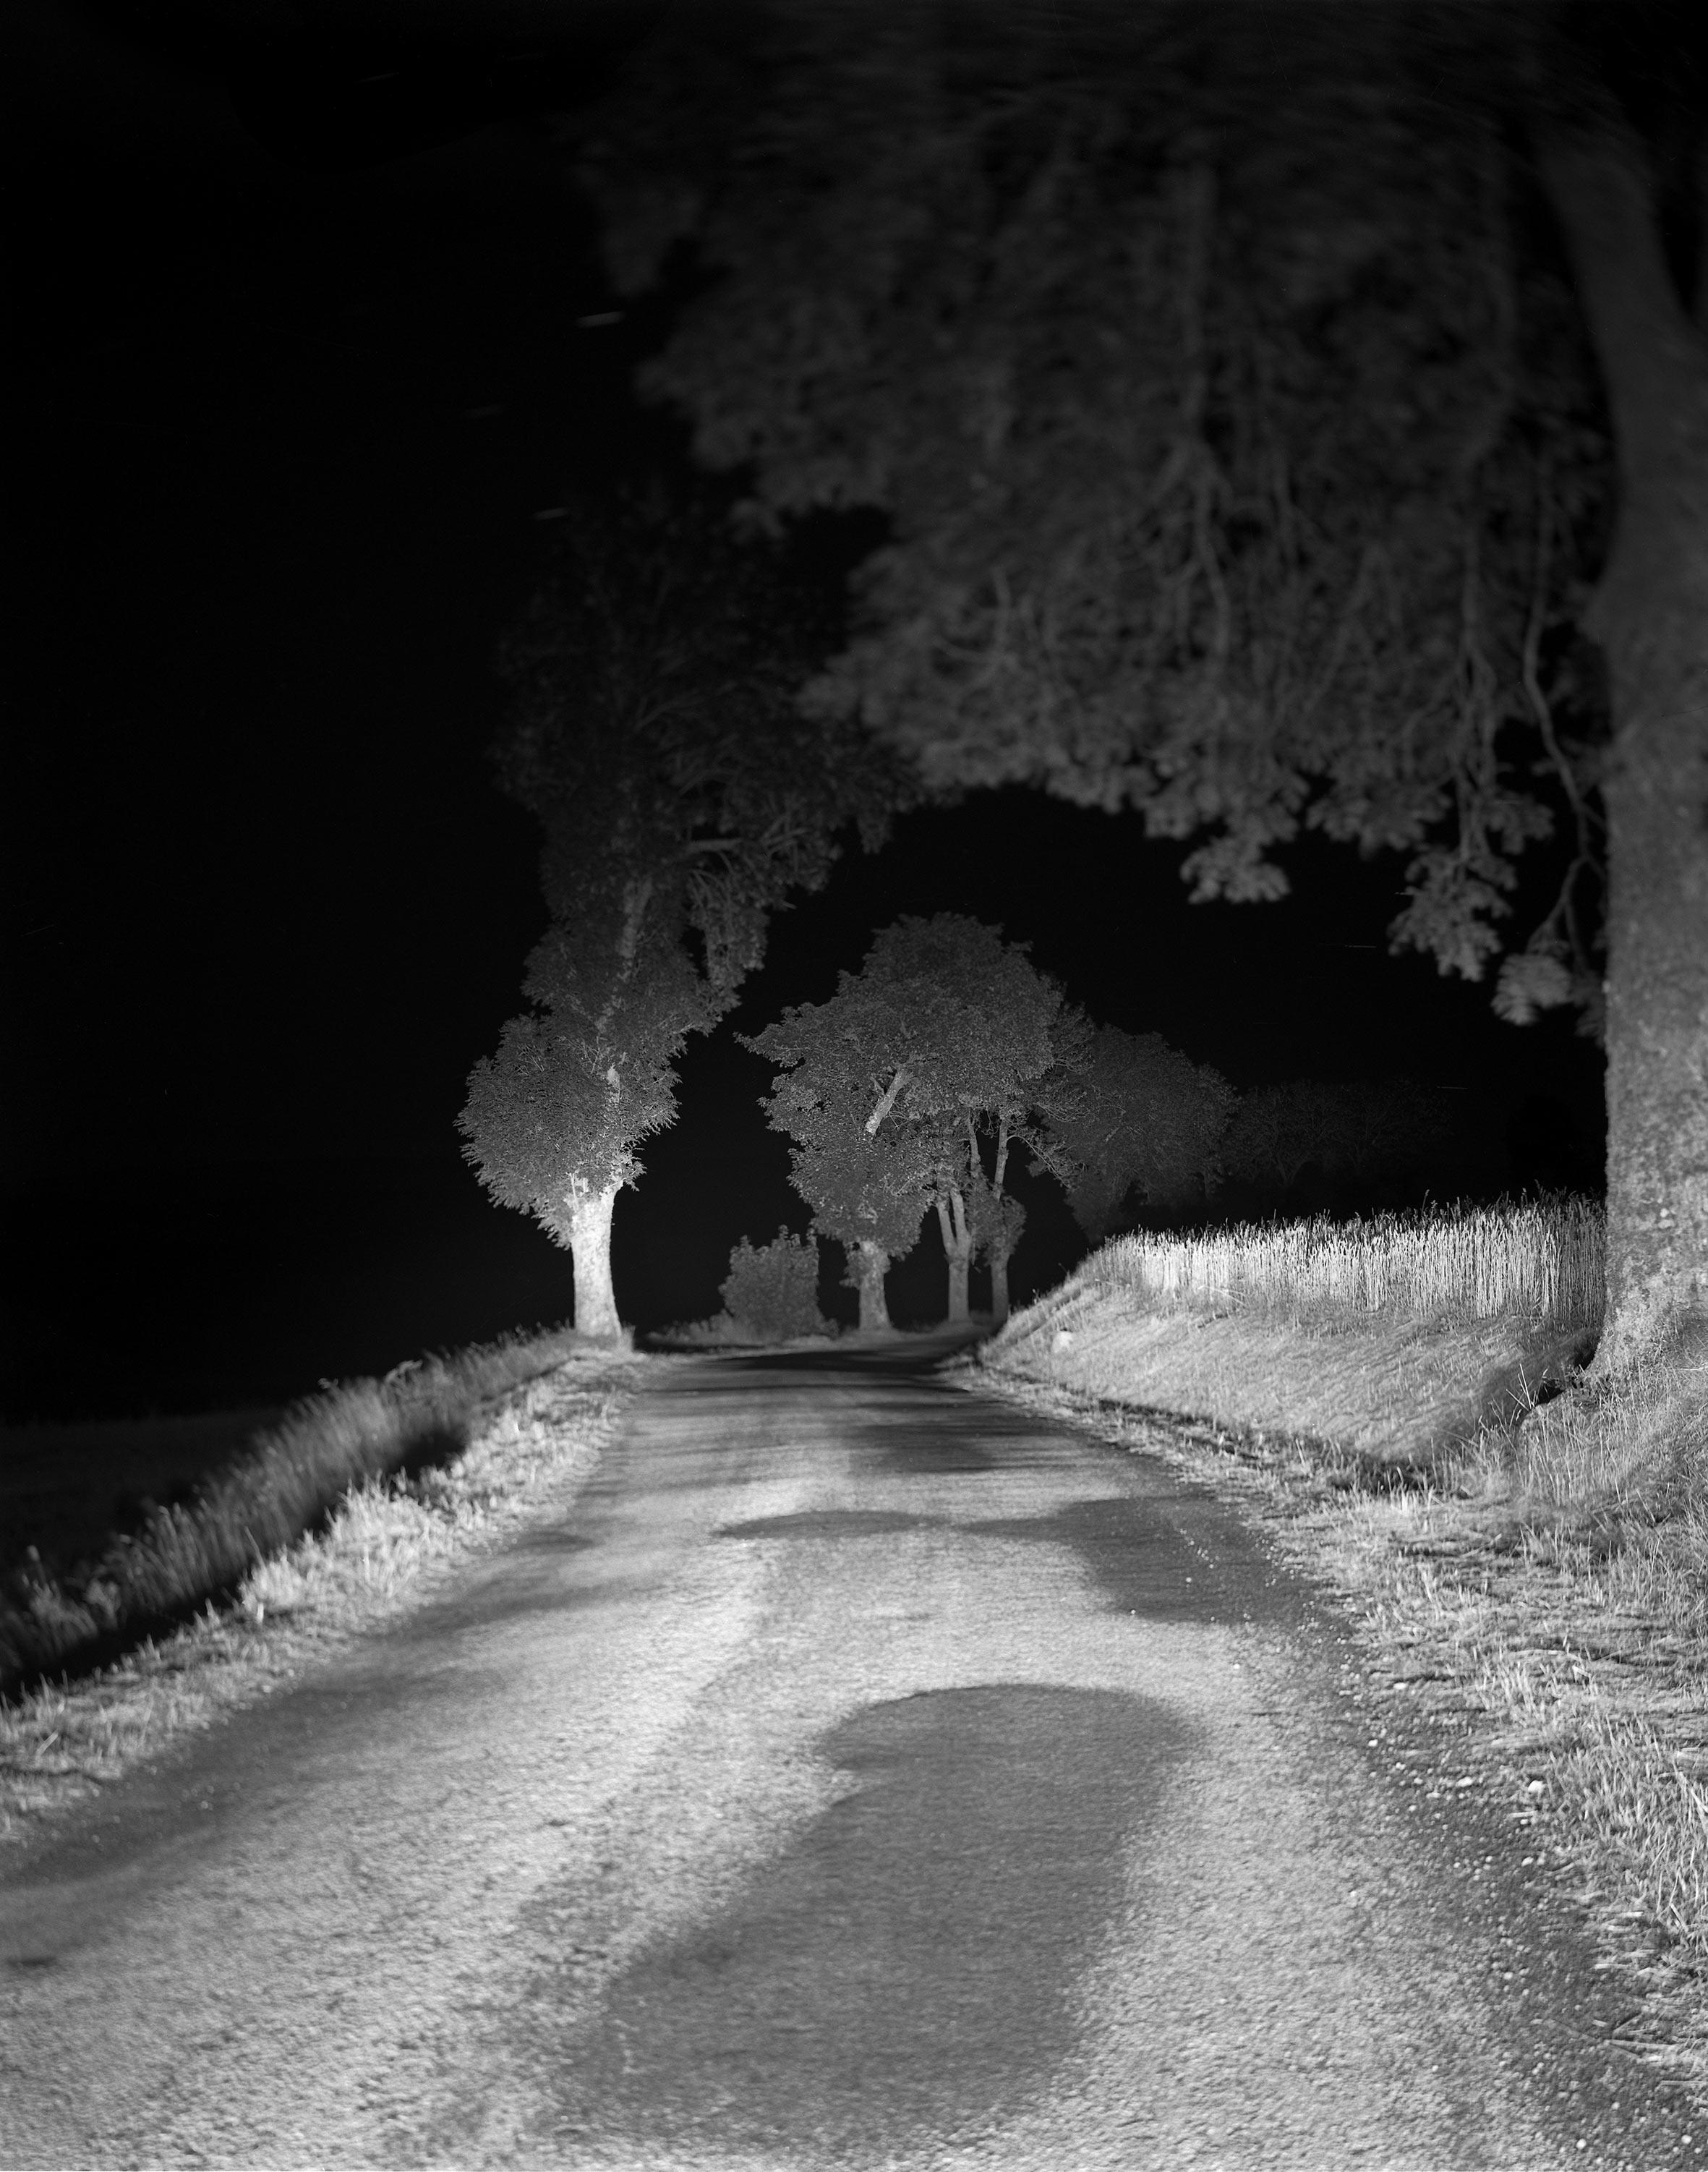 """""""Dans l'atelier de la Mission"""" se propose de revenir sur le tournant fondateur qu'a représenté la Mission photographique de la DATAR dans la carrière de ceux qui, aujourd'hui, comptent parmi les plus grands photographes contemporains. C'est au printemps 1983, à l'occasion de ses 20 ans, que la Délégation à l'aménagement du territoire et à l'action régionale (DATAR) lance une vaste commande artistique de photographies ayant pour objet de """"représenter le paysage français des années 1980"""". Ici : Alain Ceccaroli,  tirage issu de la série """"Paysages de la route, des Alpes aux Pyrénées"""", 1985, Mission photographique de la DATAR (1984-1988), collection du département des Estampes et de la Photographie de la BnF."""